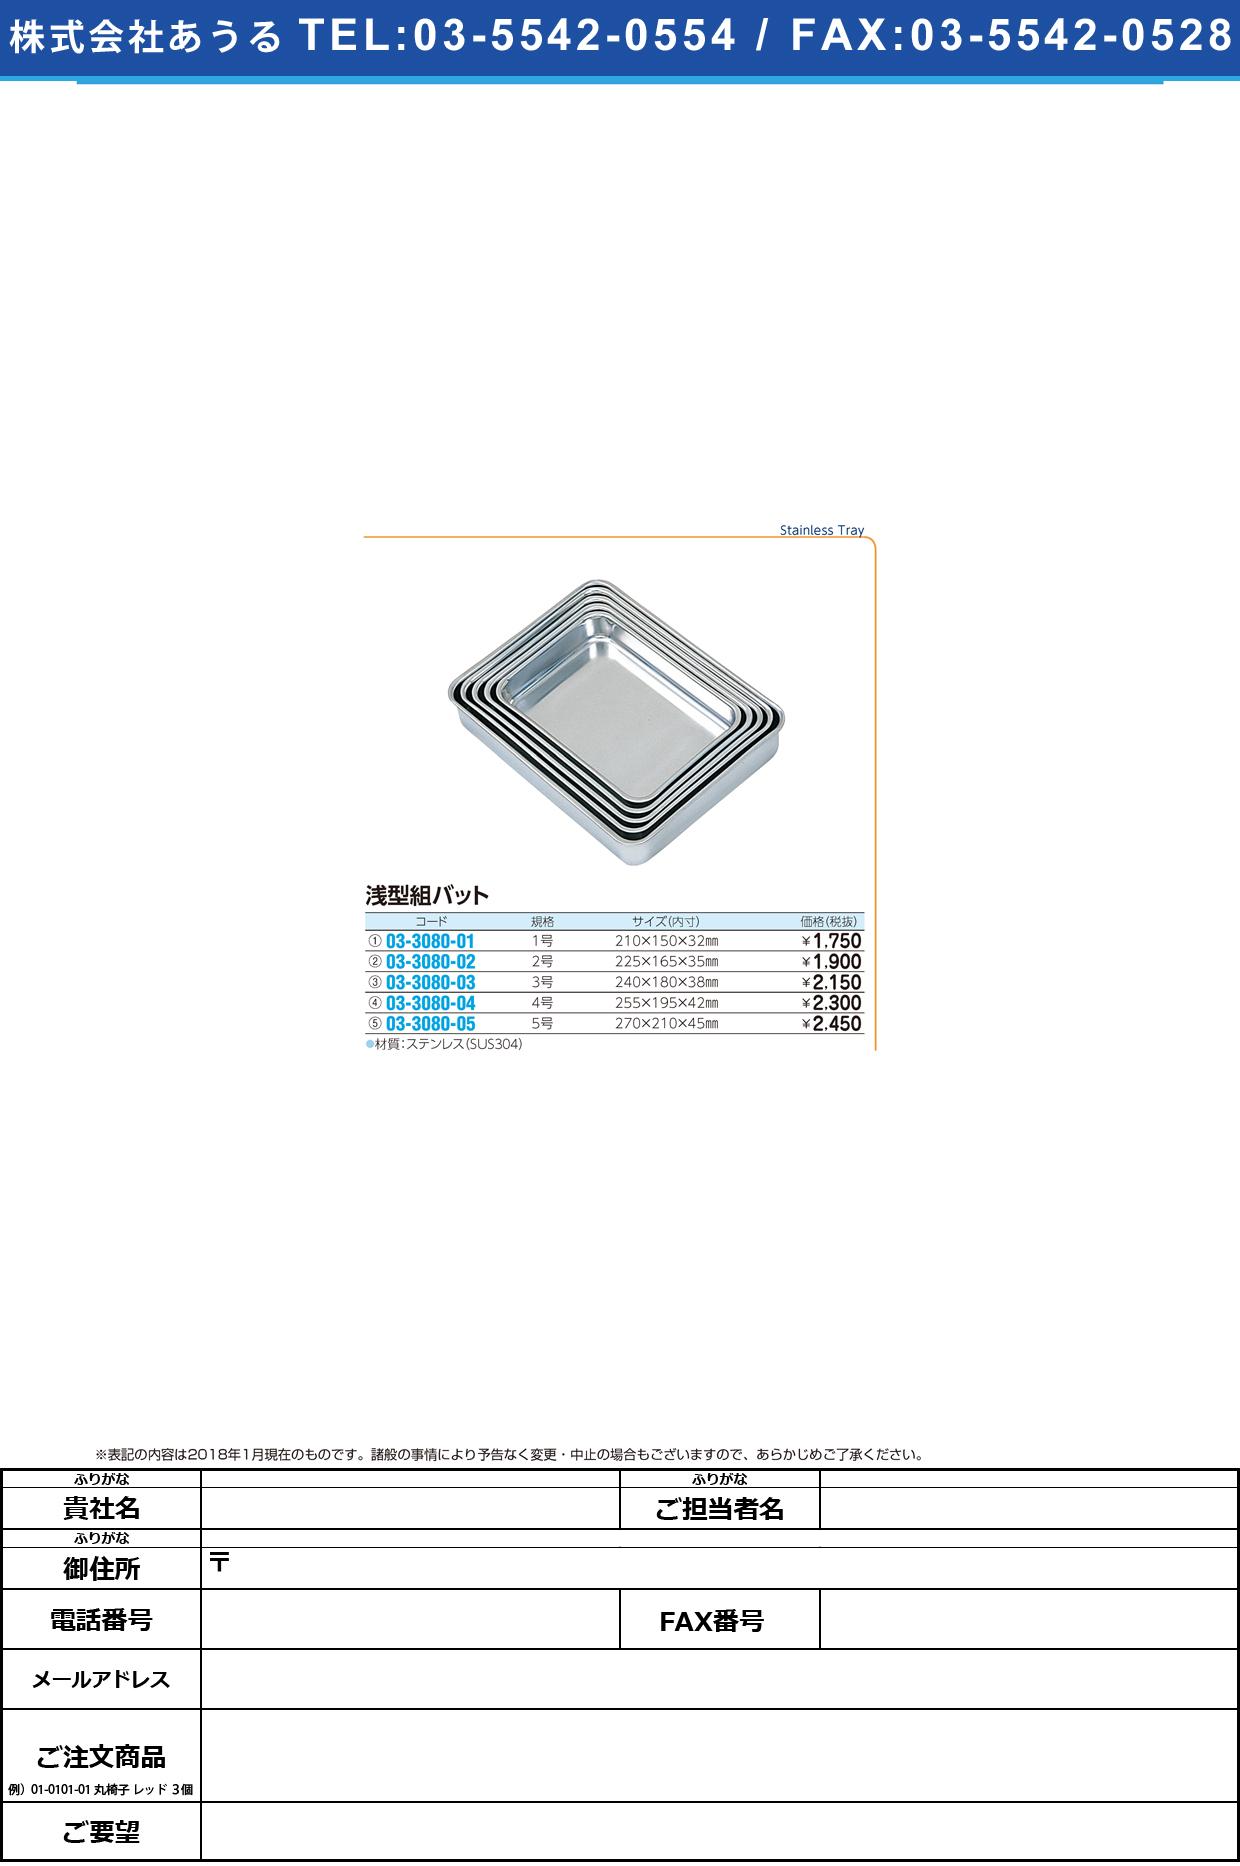 (03-3080-03)浅型組バット3号 240X180X38MM(1.4L) バット【1枚単位】【2018年カタログ商品】